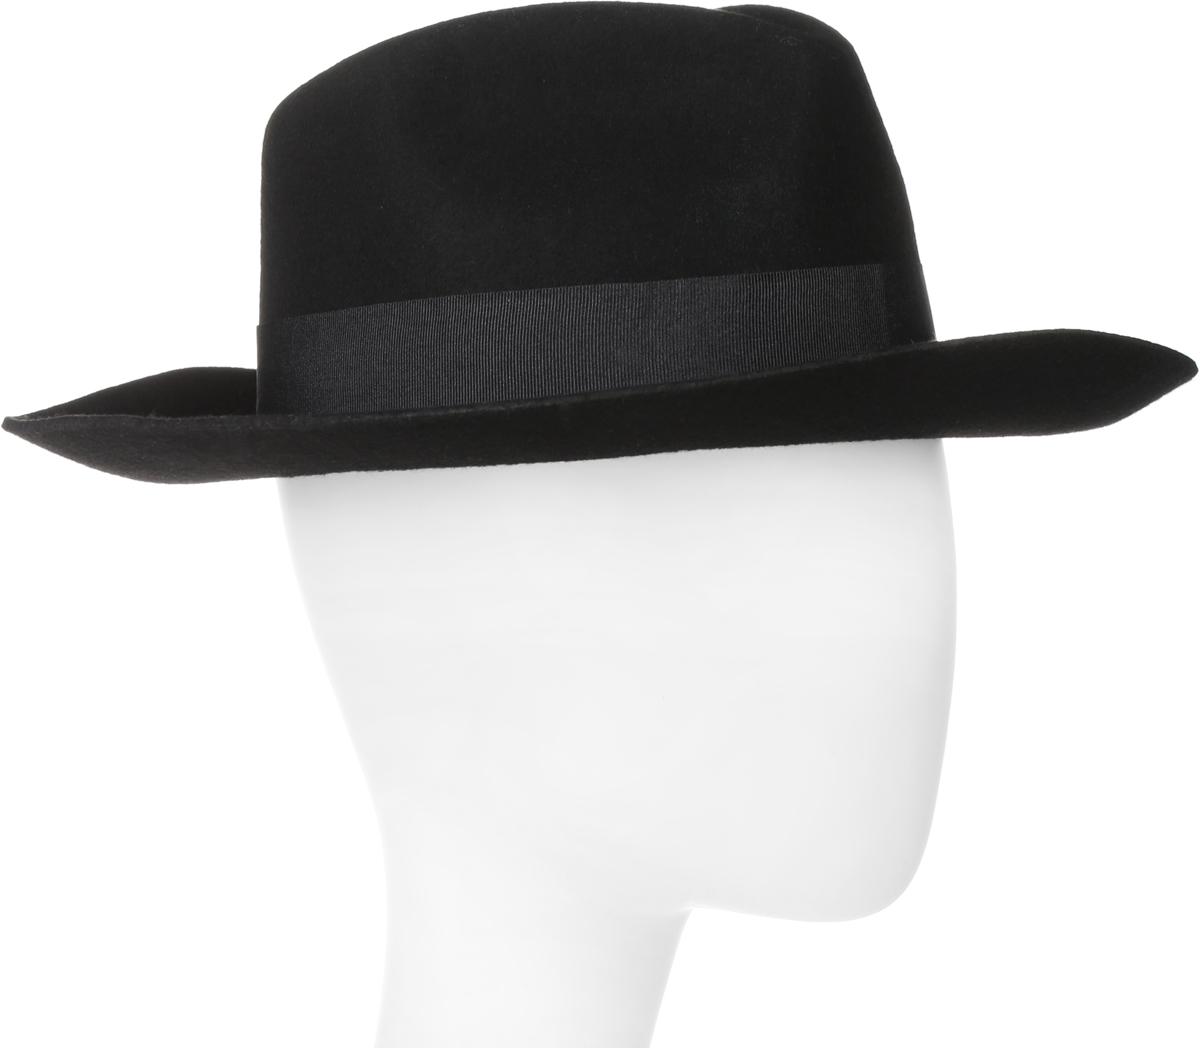 Шляпа Goorin Brothers, цвет: черный. 600-9317. Размер L (59)600-9317Элегантная шляпа Goorin Brothers, выполненная из высококачественного тонкого фетра, дополнит любой образ. Модель с А-образной тульей с продольным заломом и со слегка загнутыми вверх полями. Внутри модель дополнена плотной тесьмой для комфортной посадки изделия по голове. Шляпа-федора по тулье оформлена репсовой лентой с лаконичным бантом и дополнена металлическим элементом в виде логотипа бренда.Такая шляпа подчеркнет вашу неповторимость и прекрасный вкус.